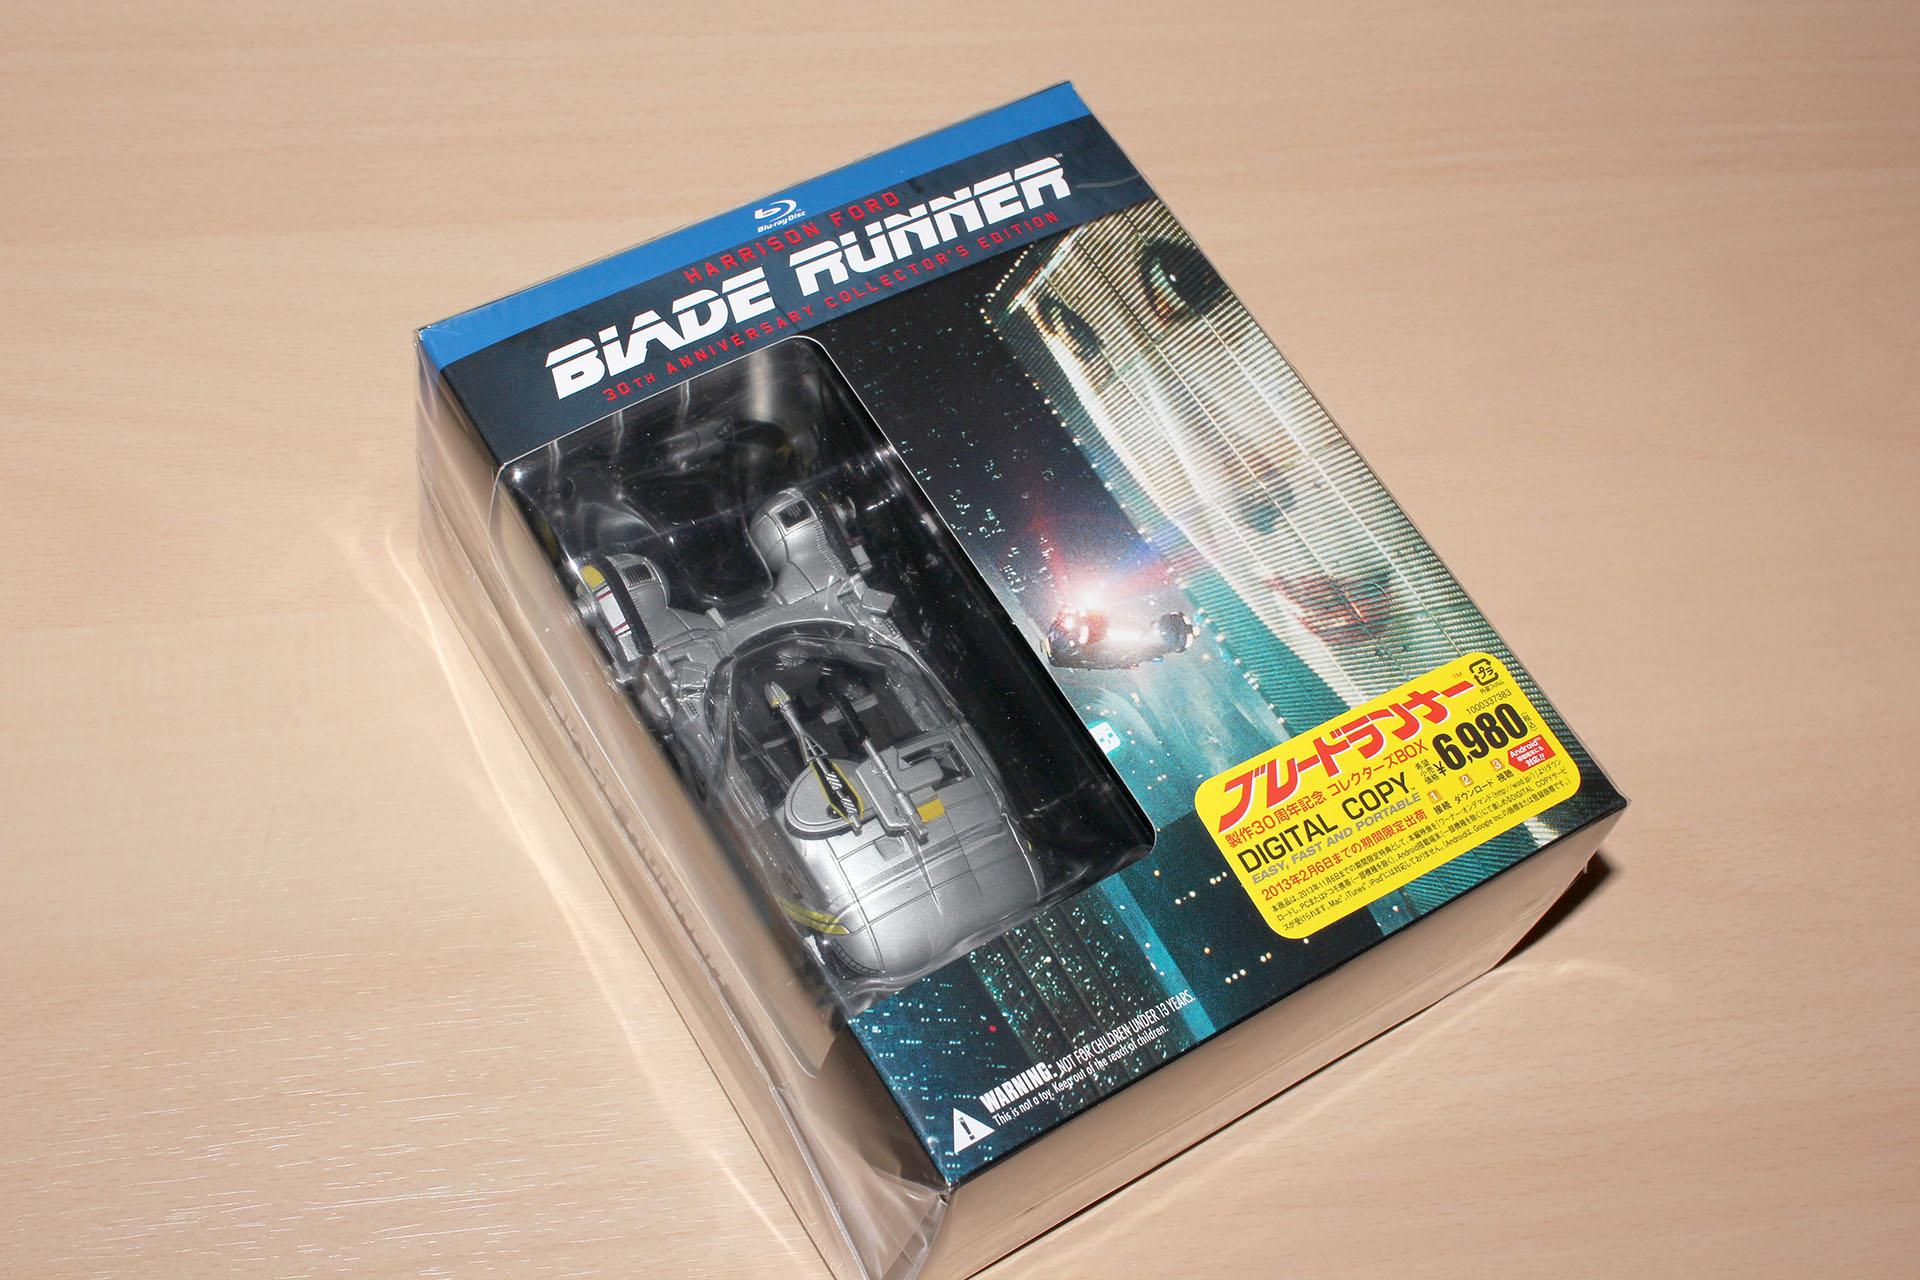 2012-11-06-BLADE_RUNNER_30thBD-08.JPG